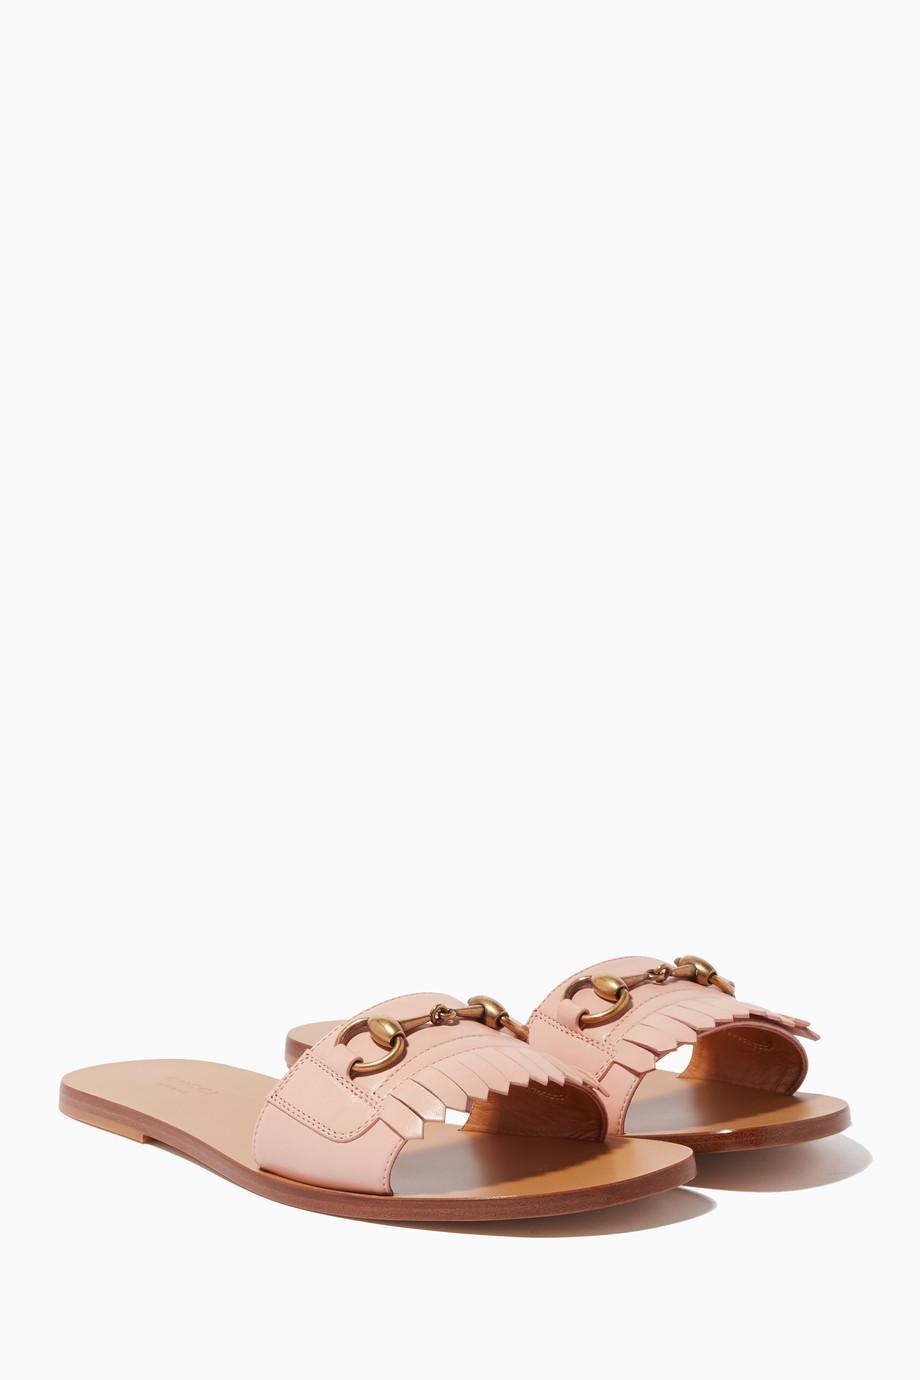 68d06742b2a Shop Gucci Pink Light-Pink Fringe Leather Horsebit Slides for Women ...